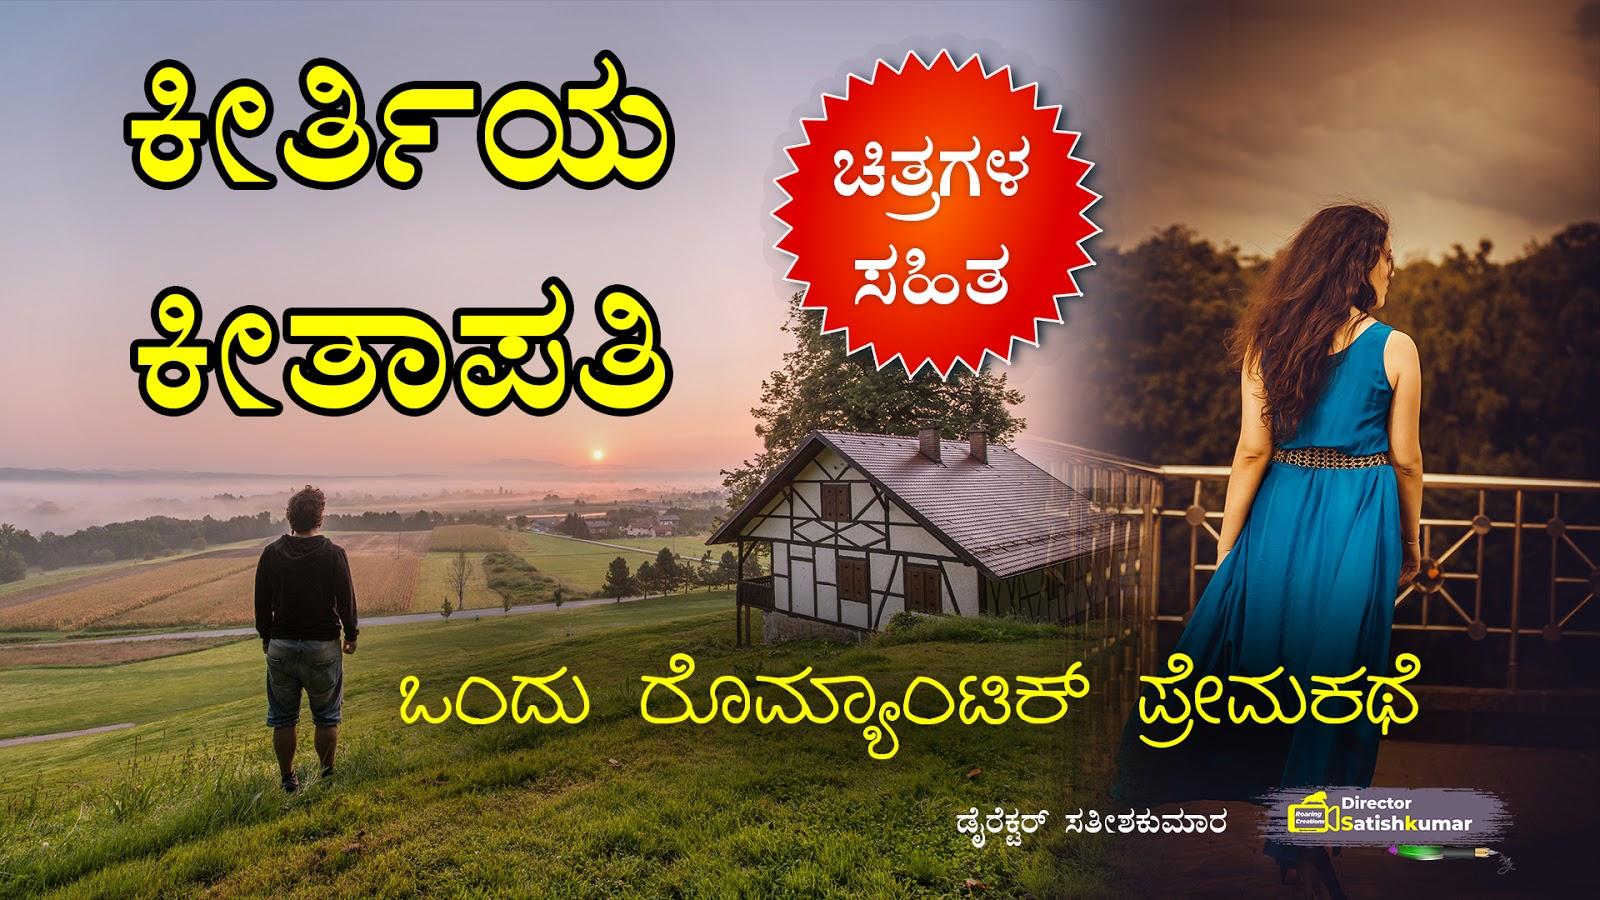 ಕೀರ್ತಿಯ ಕೀತಾಪತಿ : ಒಂದು ರೊಮ್ಯಾಂಟಿಕ್ ಪ್ರೇಮಕಥೆ - Romantic Love Story in Kannada - ಕನ್ನಡ ಕಥೆ ಪುಸ್ತಕಗಳು - Kannada Story Books -  E Books Kannada - Kannada Books